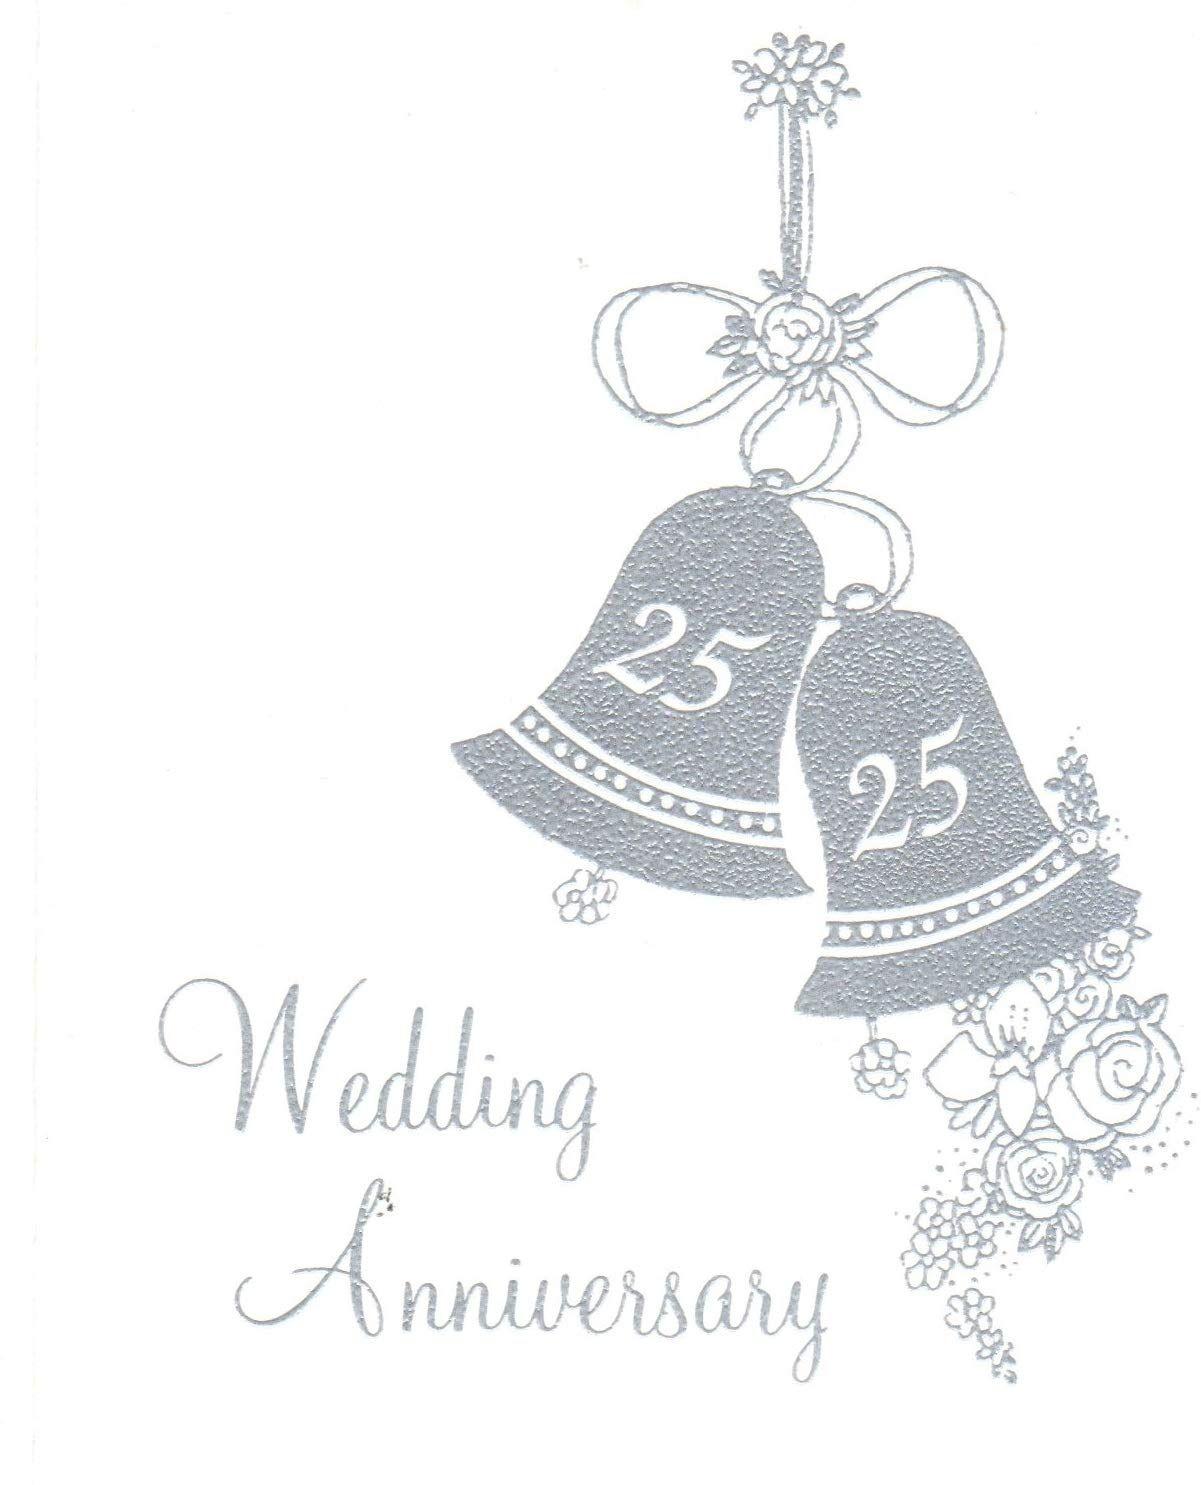 25th silver wedding anniversary invitations jubilee Design